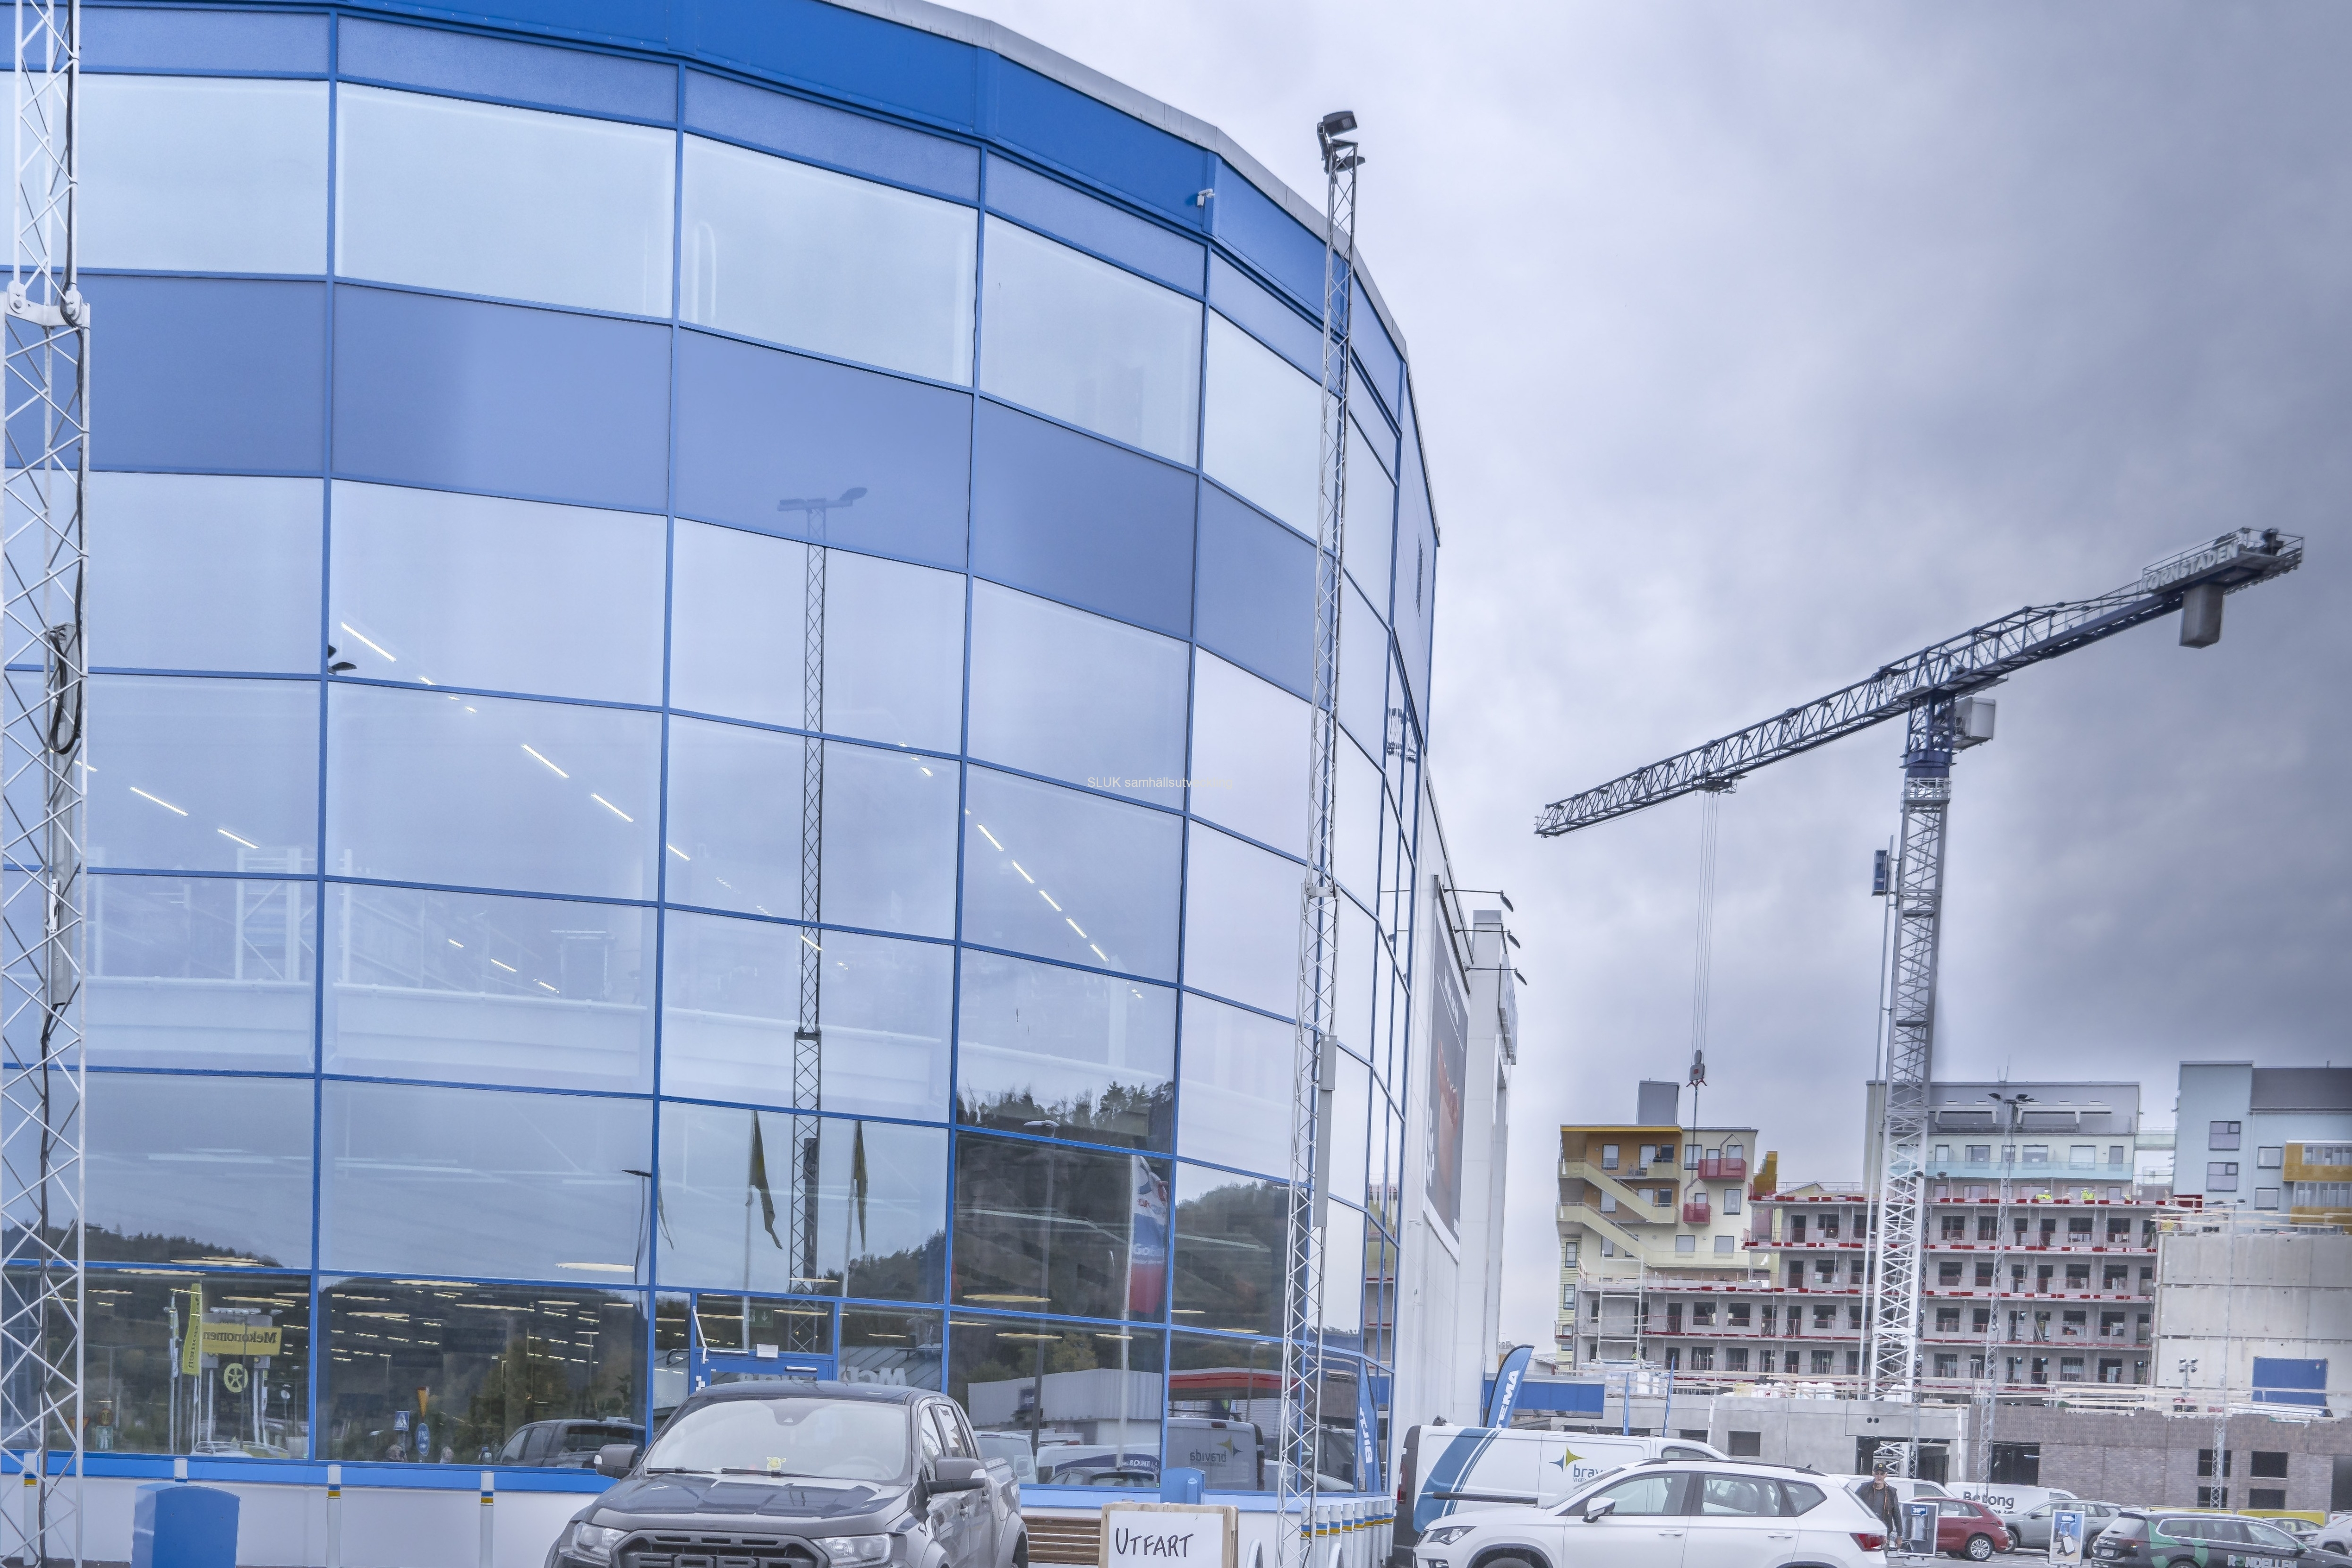 Biltema i Partille öppnades i slutet av september. I bakgrunden syns byggnationen av bostäder och Lidl framför Coop.